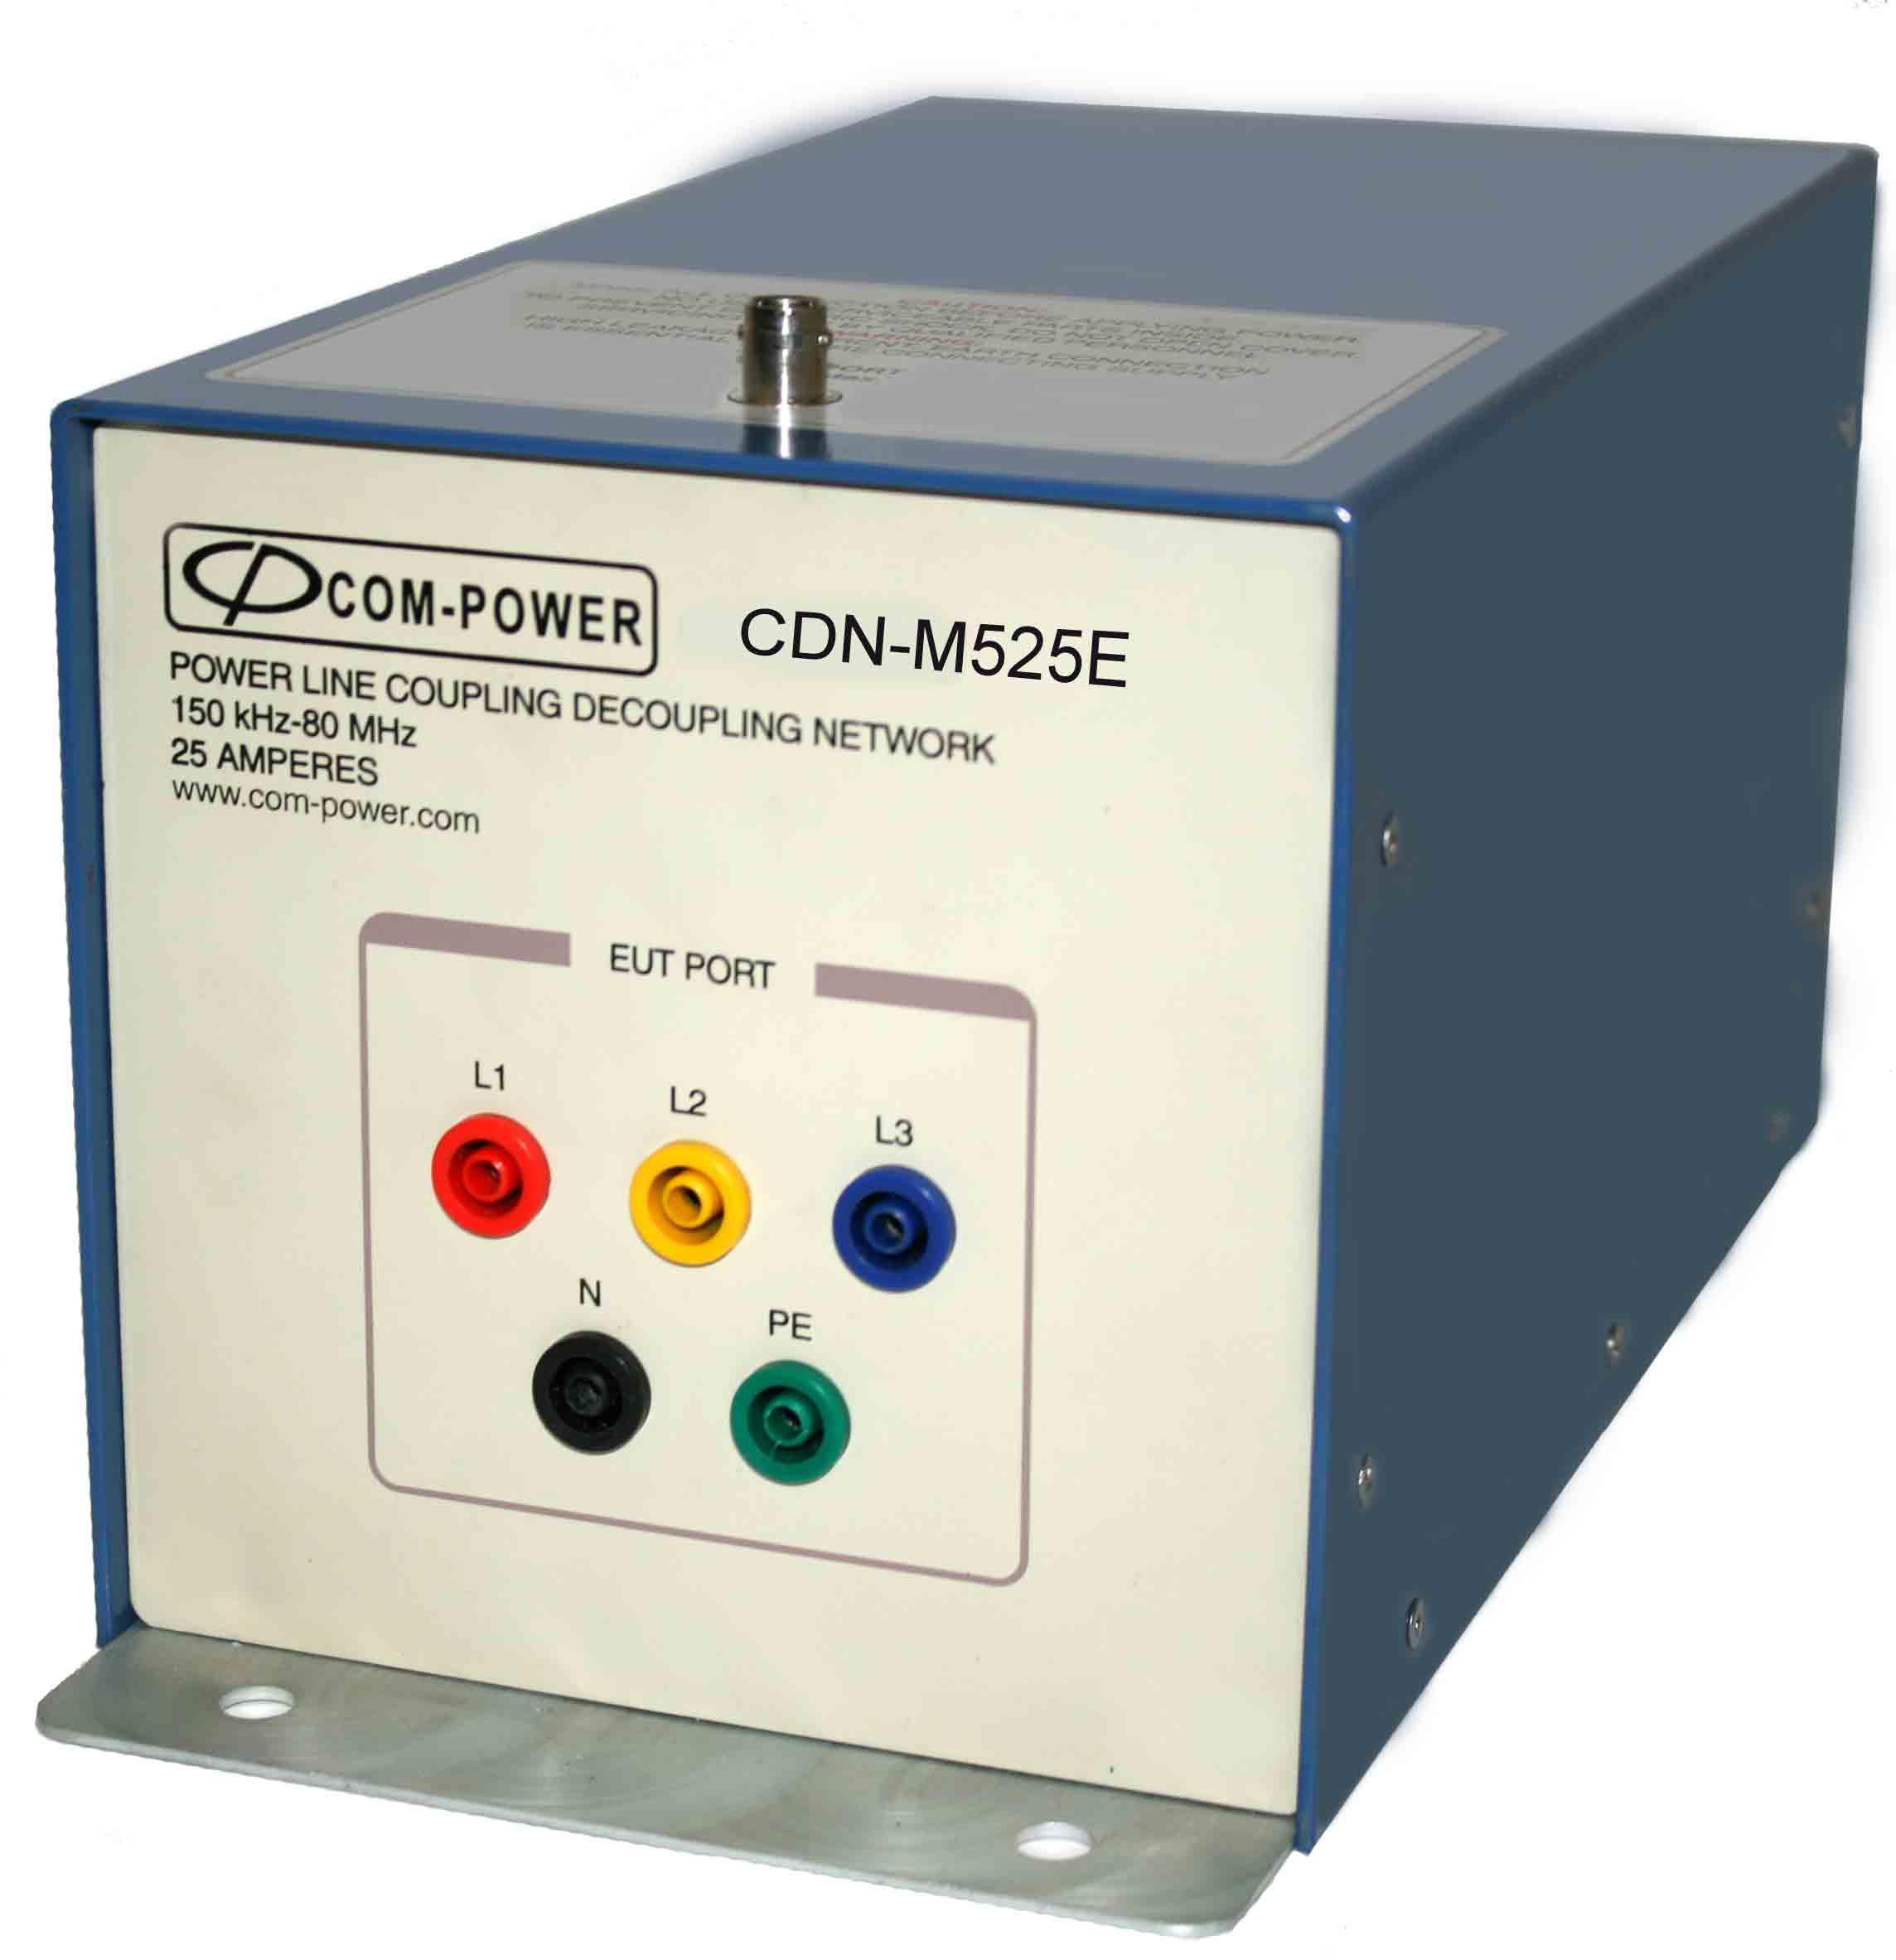 CDN-M525E